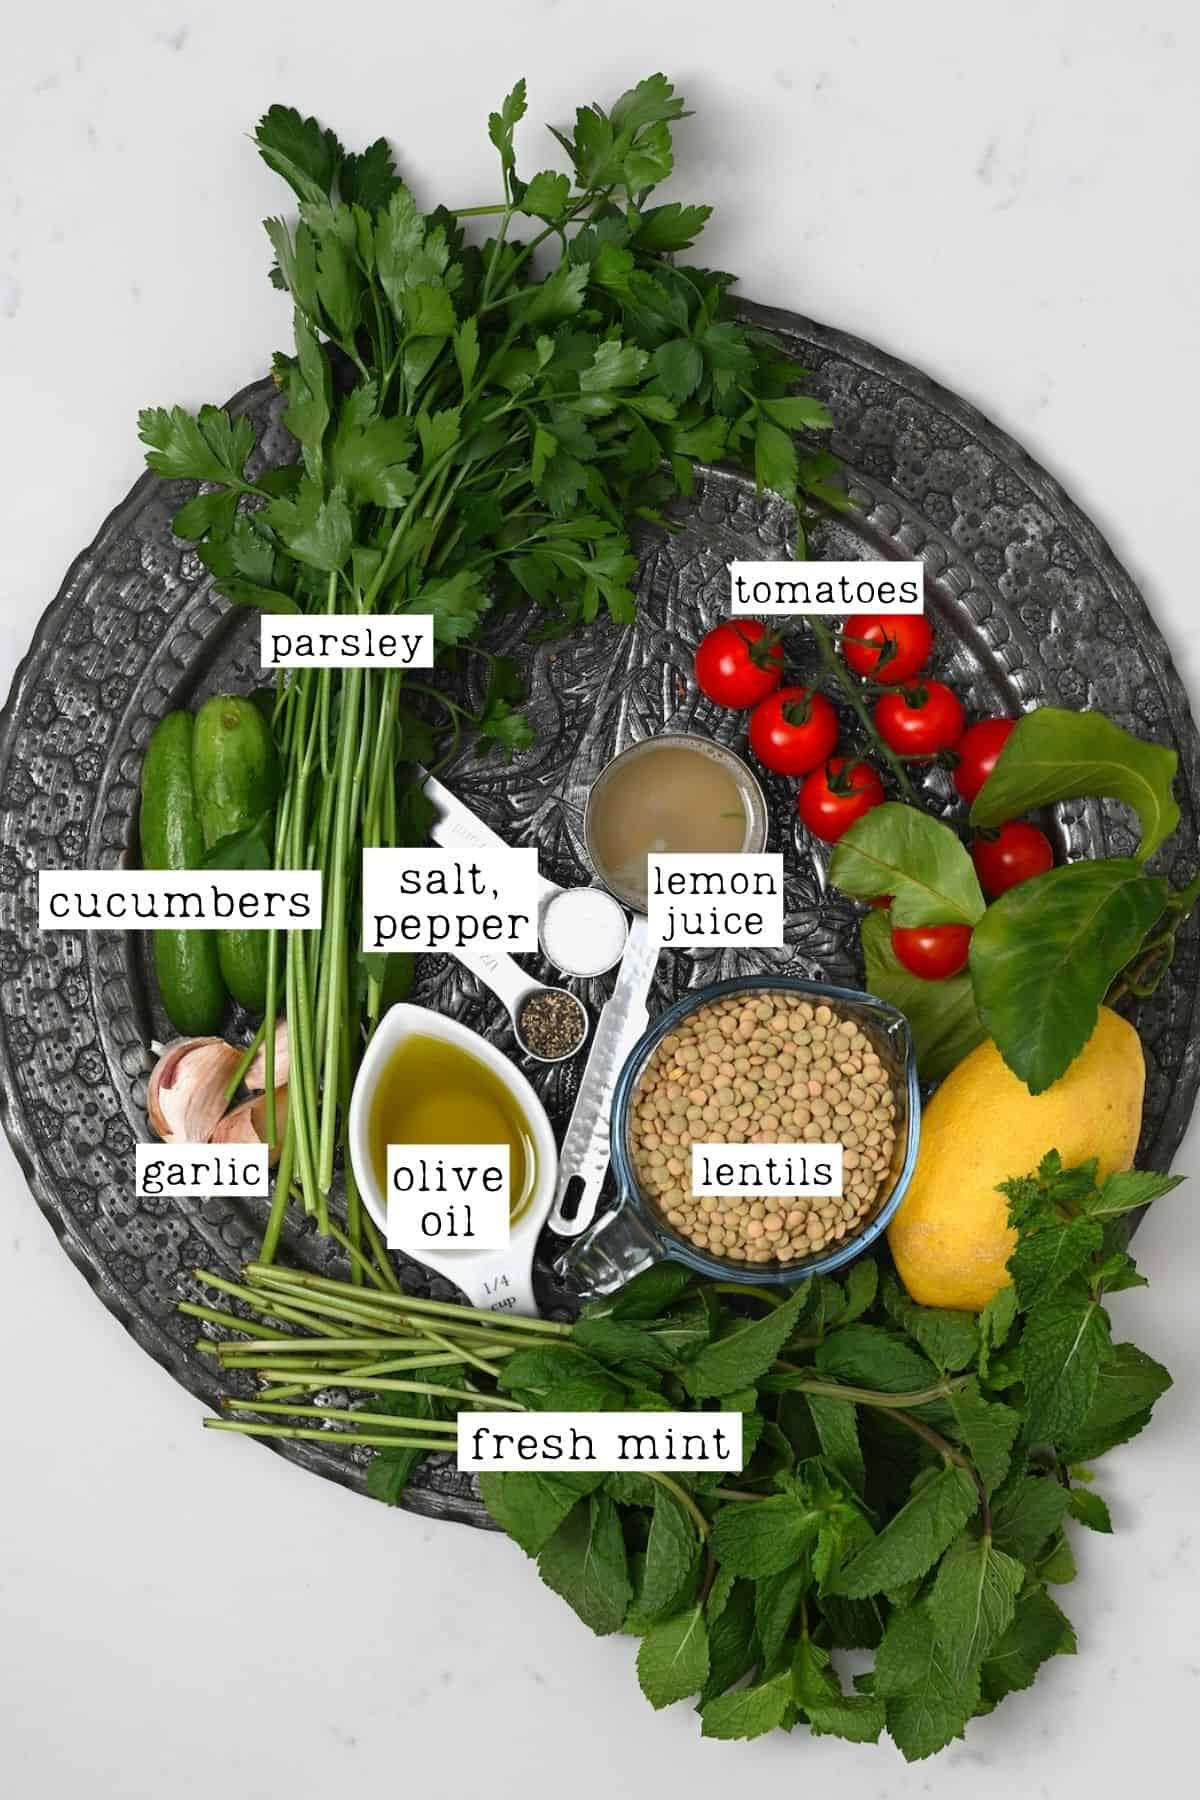 Ingredients for lentil salad